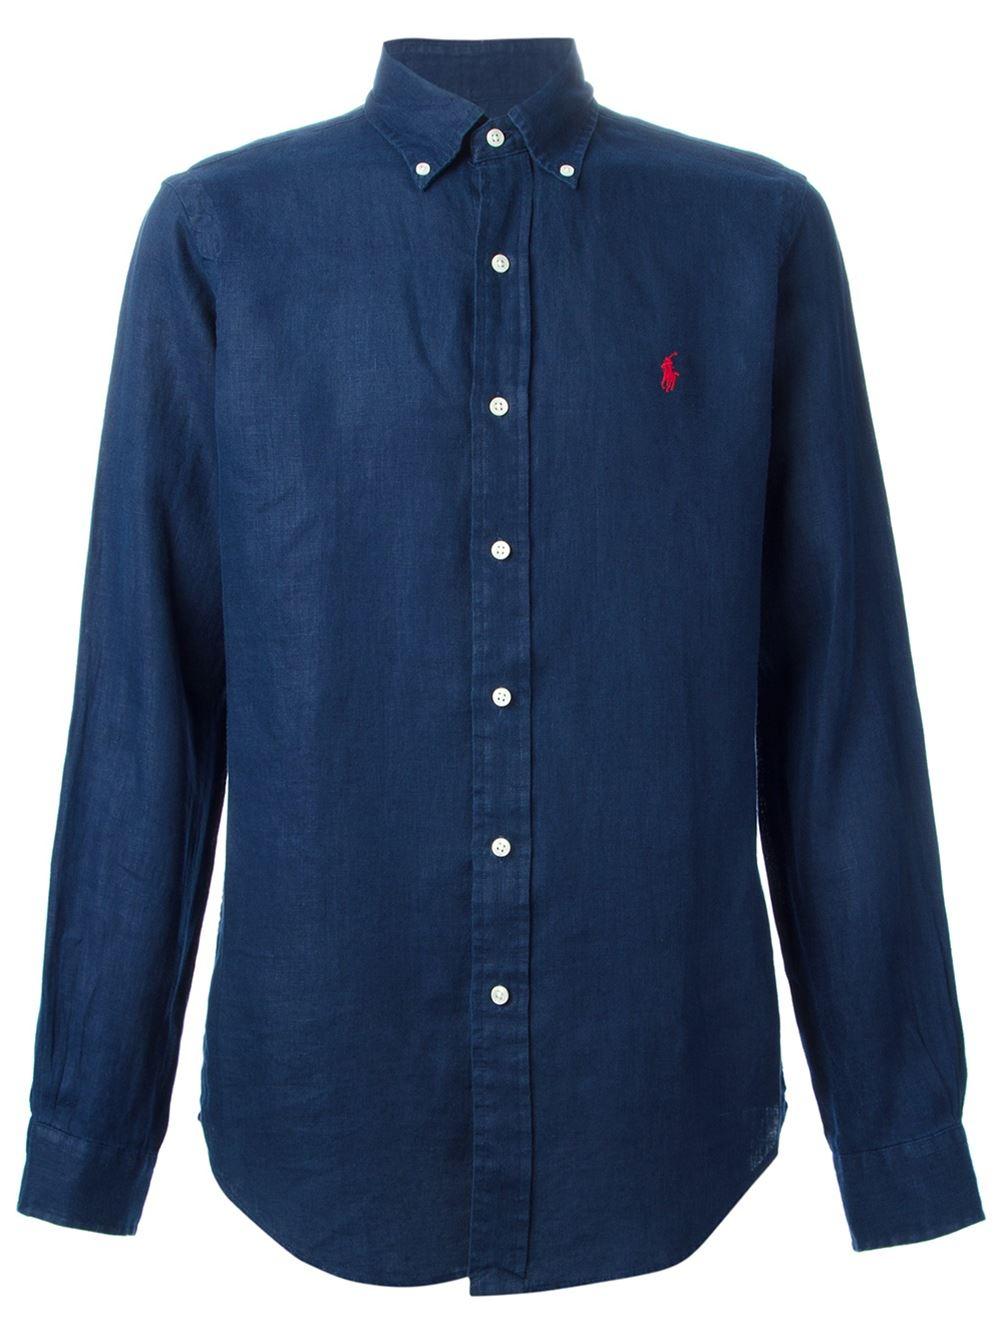 Polo Ralph Lauren Button Down Shirt In Blue For Men Lyst